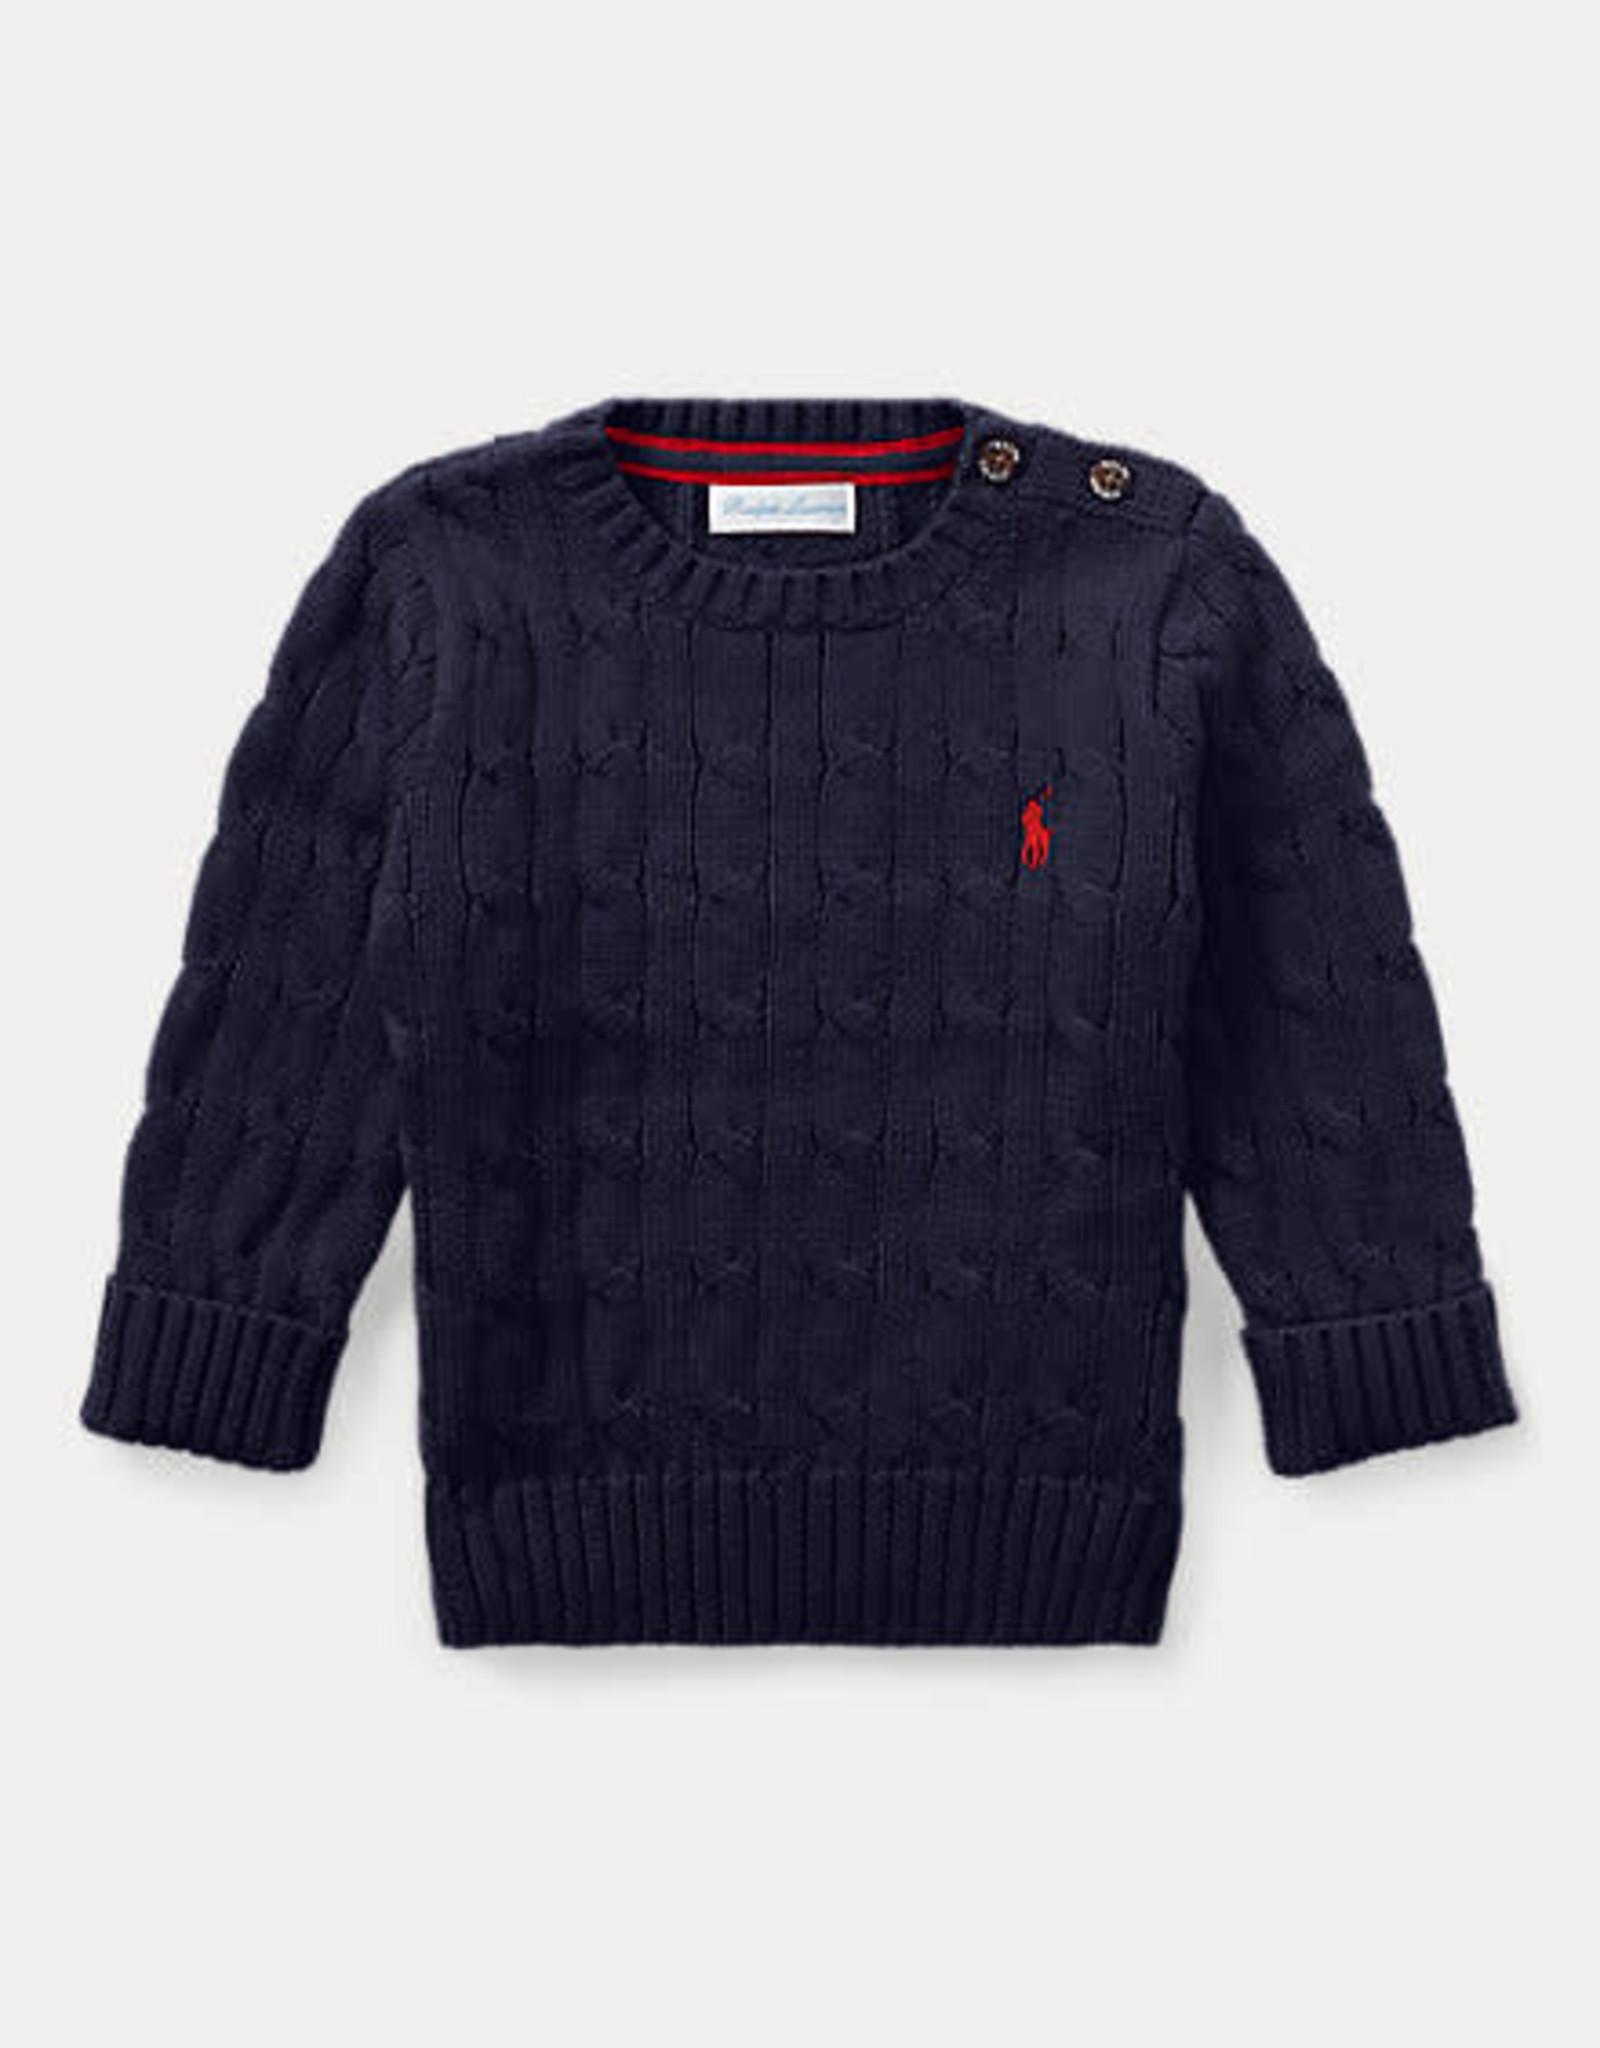 RALPH LAUREN Ls Cable Cn-Tops-Sweater Rl Navy